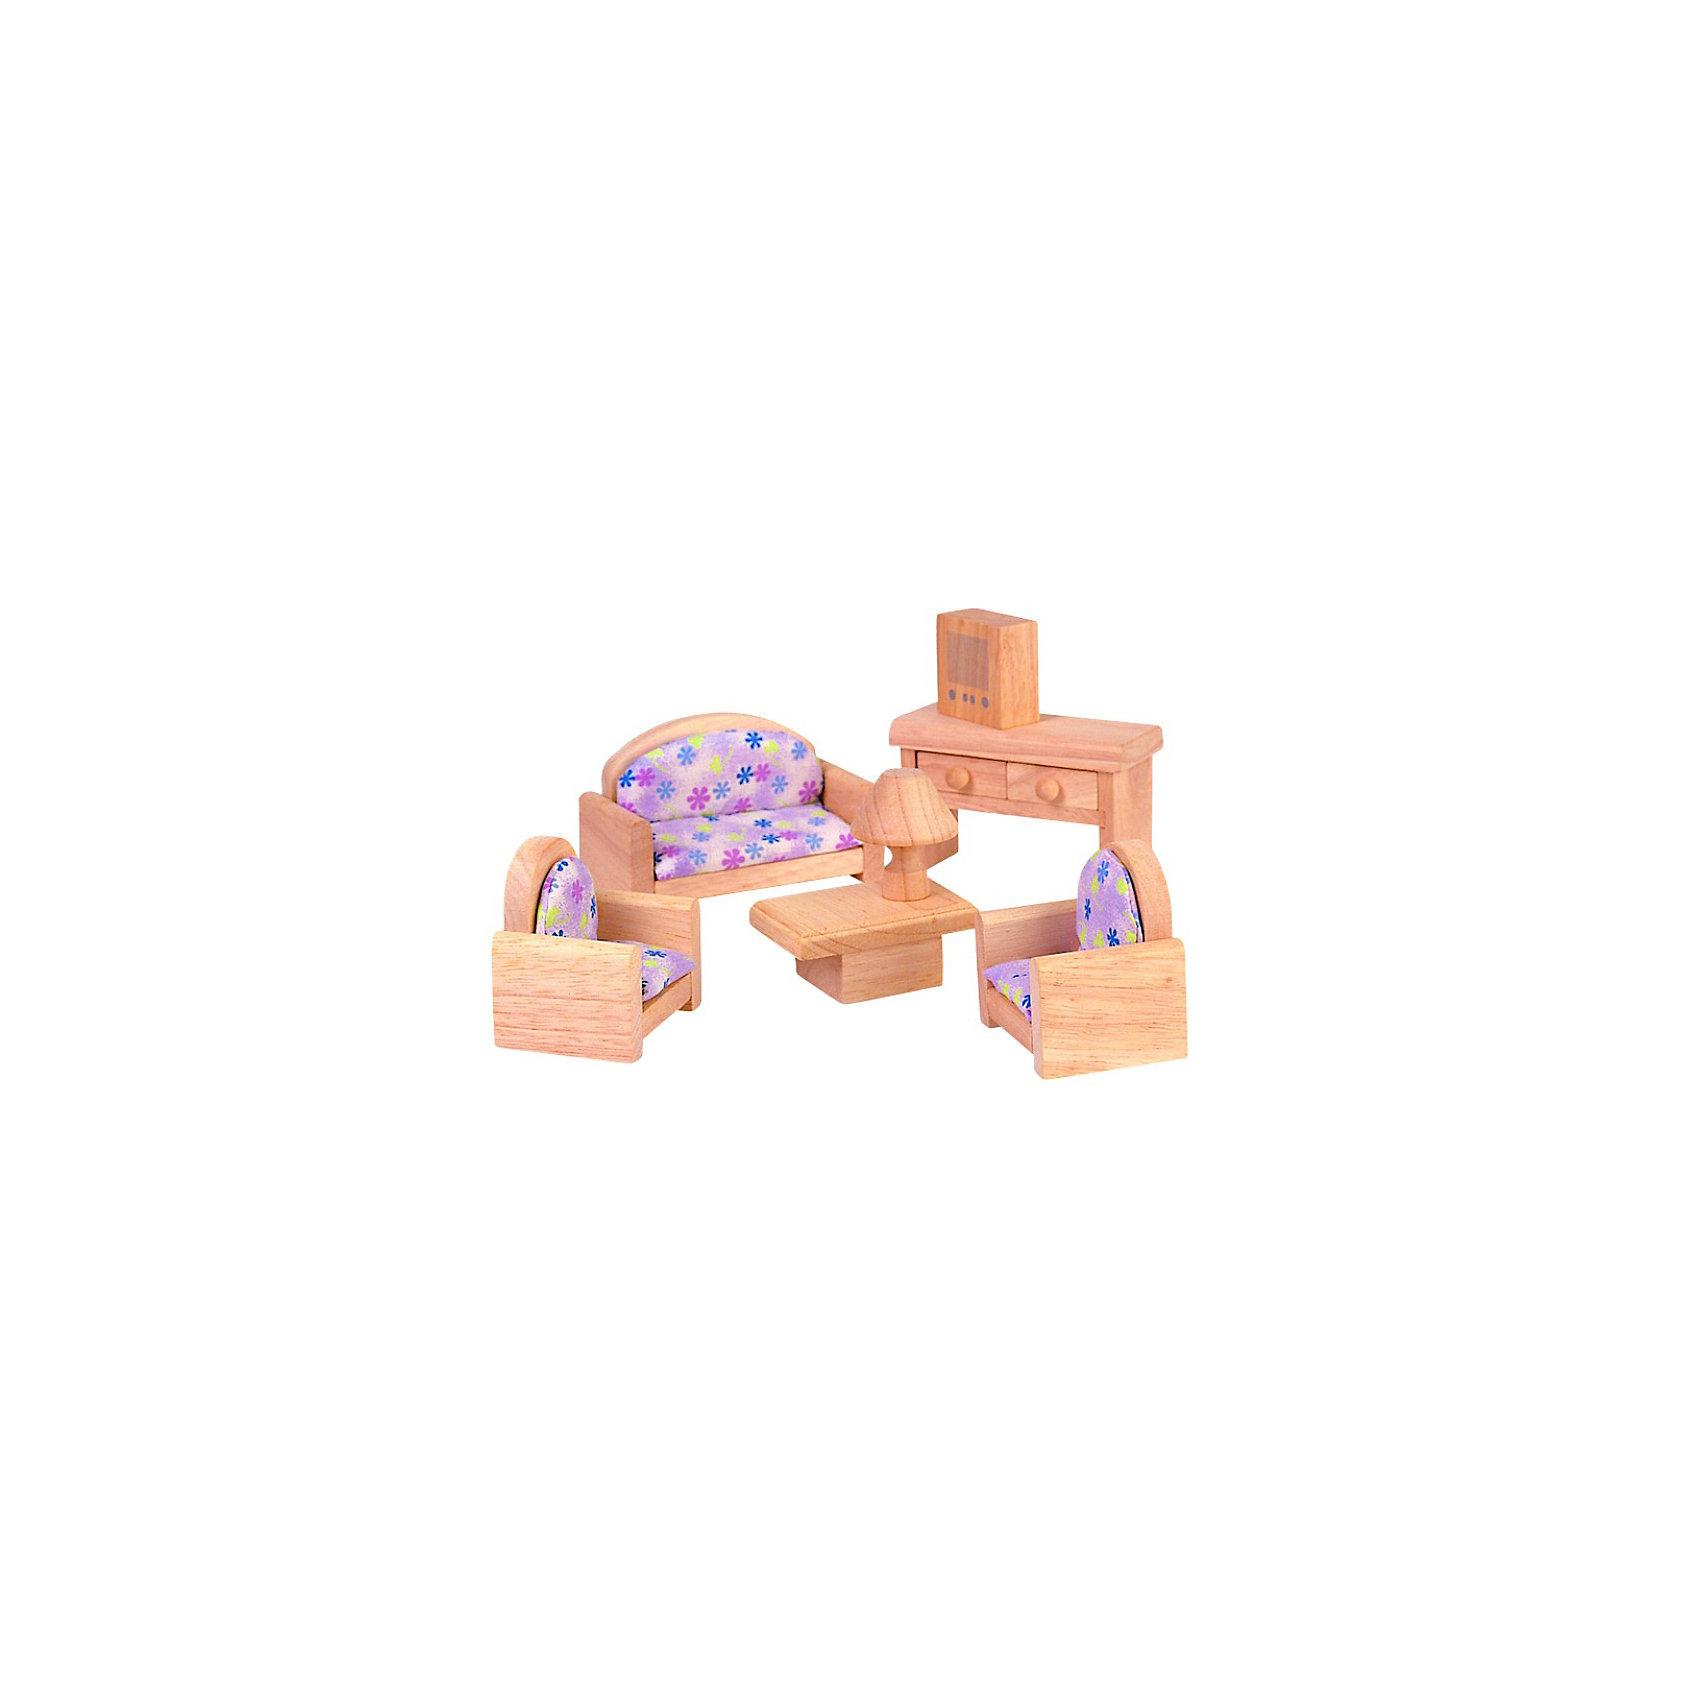 PLAN TOYS 9015 Гостиная (классик)Деревянные куклы, домики и мебель<br>Гостинная в классическом стиле. <br><br>В набор входит диван и два кресле с цветочной обивкой, журнальный столик и лампа, а также стол и телевизор.<br><br>Все игрушки выполнены из каучукового дерева с использованием нетоксичных красок и специально изготавливаются с закругленными краями, чтобы избежать вероятности травмирования.<br><br>Дополнительная информация:<br><br>Размер дивана: 11 х 5 х 6 см.<br>Размер упаковки: 18,8 х 9,3 х 23 см.<br>Материал: каучуковое дерево, текстиль.<br><br>Ширина мм: 93<br>Глубина мм: 230<br>Высота мм: 188<br>Вес г: 775<br>Возраст от месяцев: 36<br>Возраст до месяцев: 72<br>Пол: Женский<br>Возраст: Детский<br>SKU: 2175351